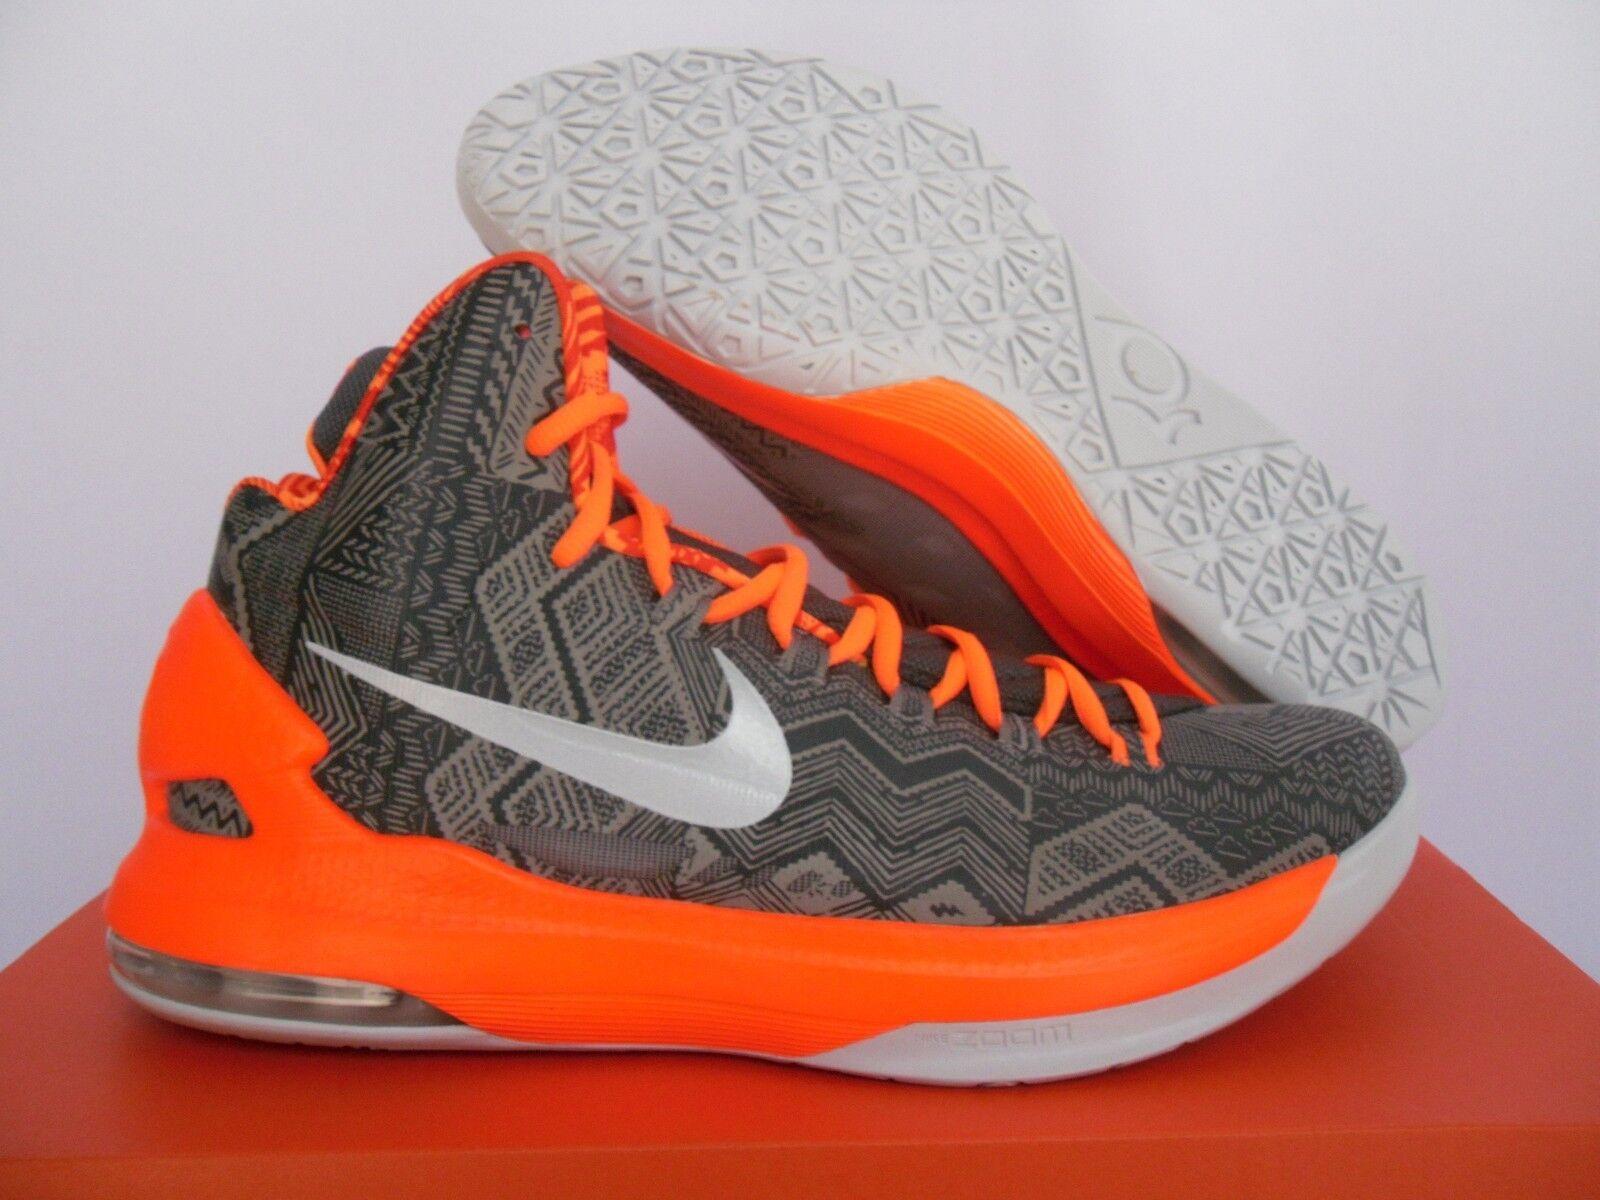 Nike de KD V 5 BHM antracita Negro-Gris-Naranja reducción de Nike precios con gran descuento 419395